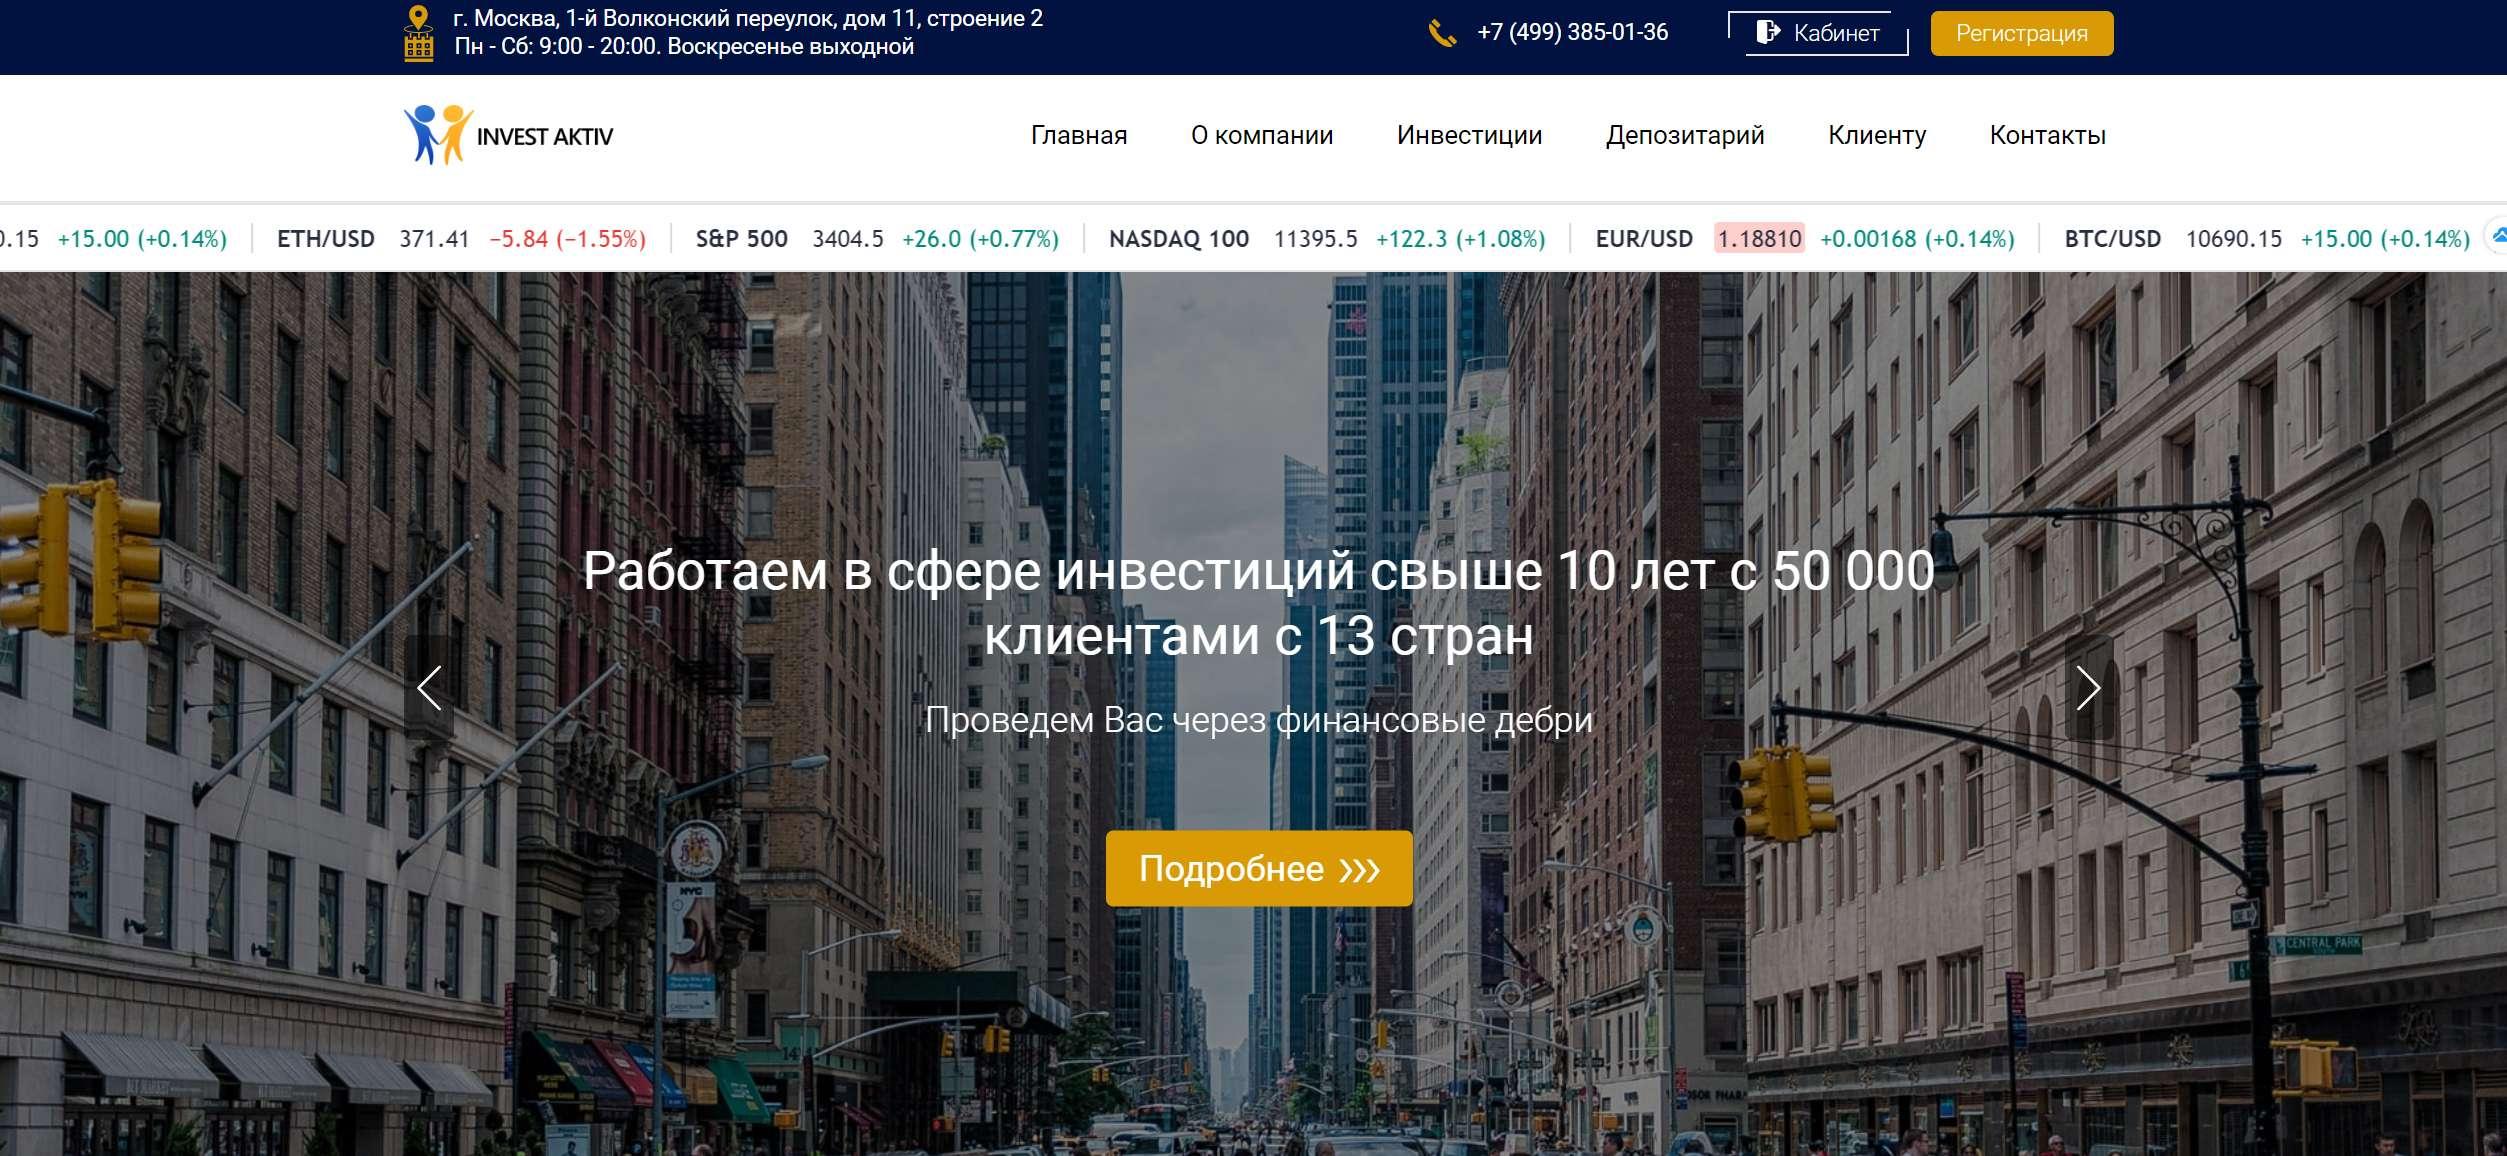 Псевдоинвестиции от Investaktiv.com. Скам проект с признаками пирамиды.